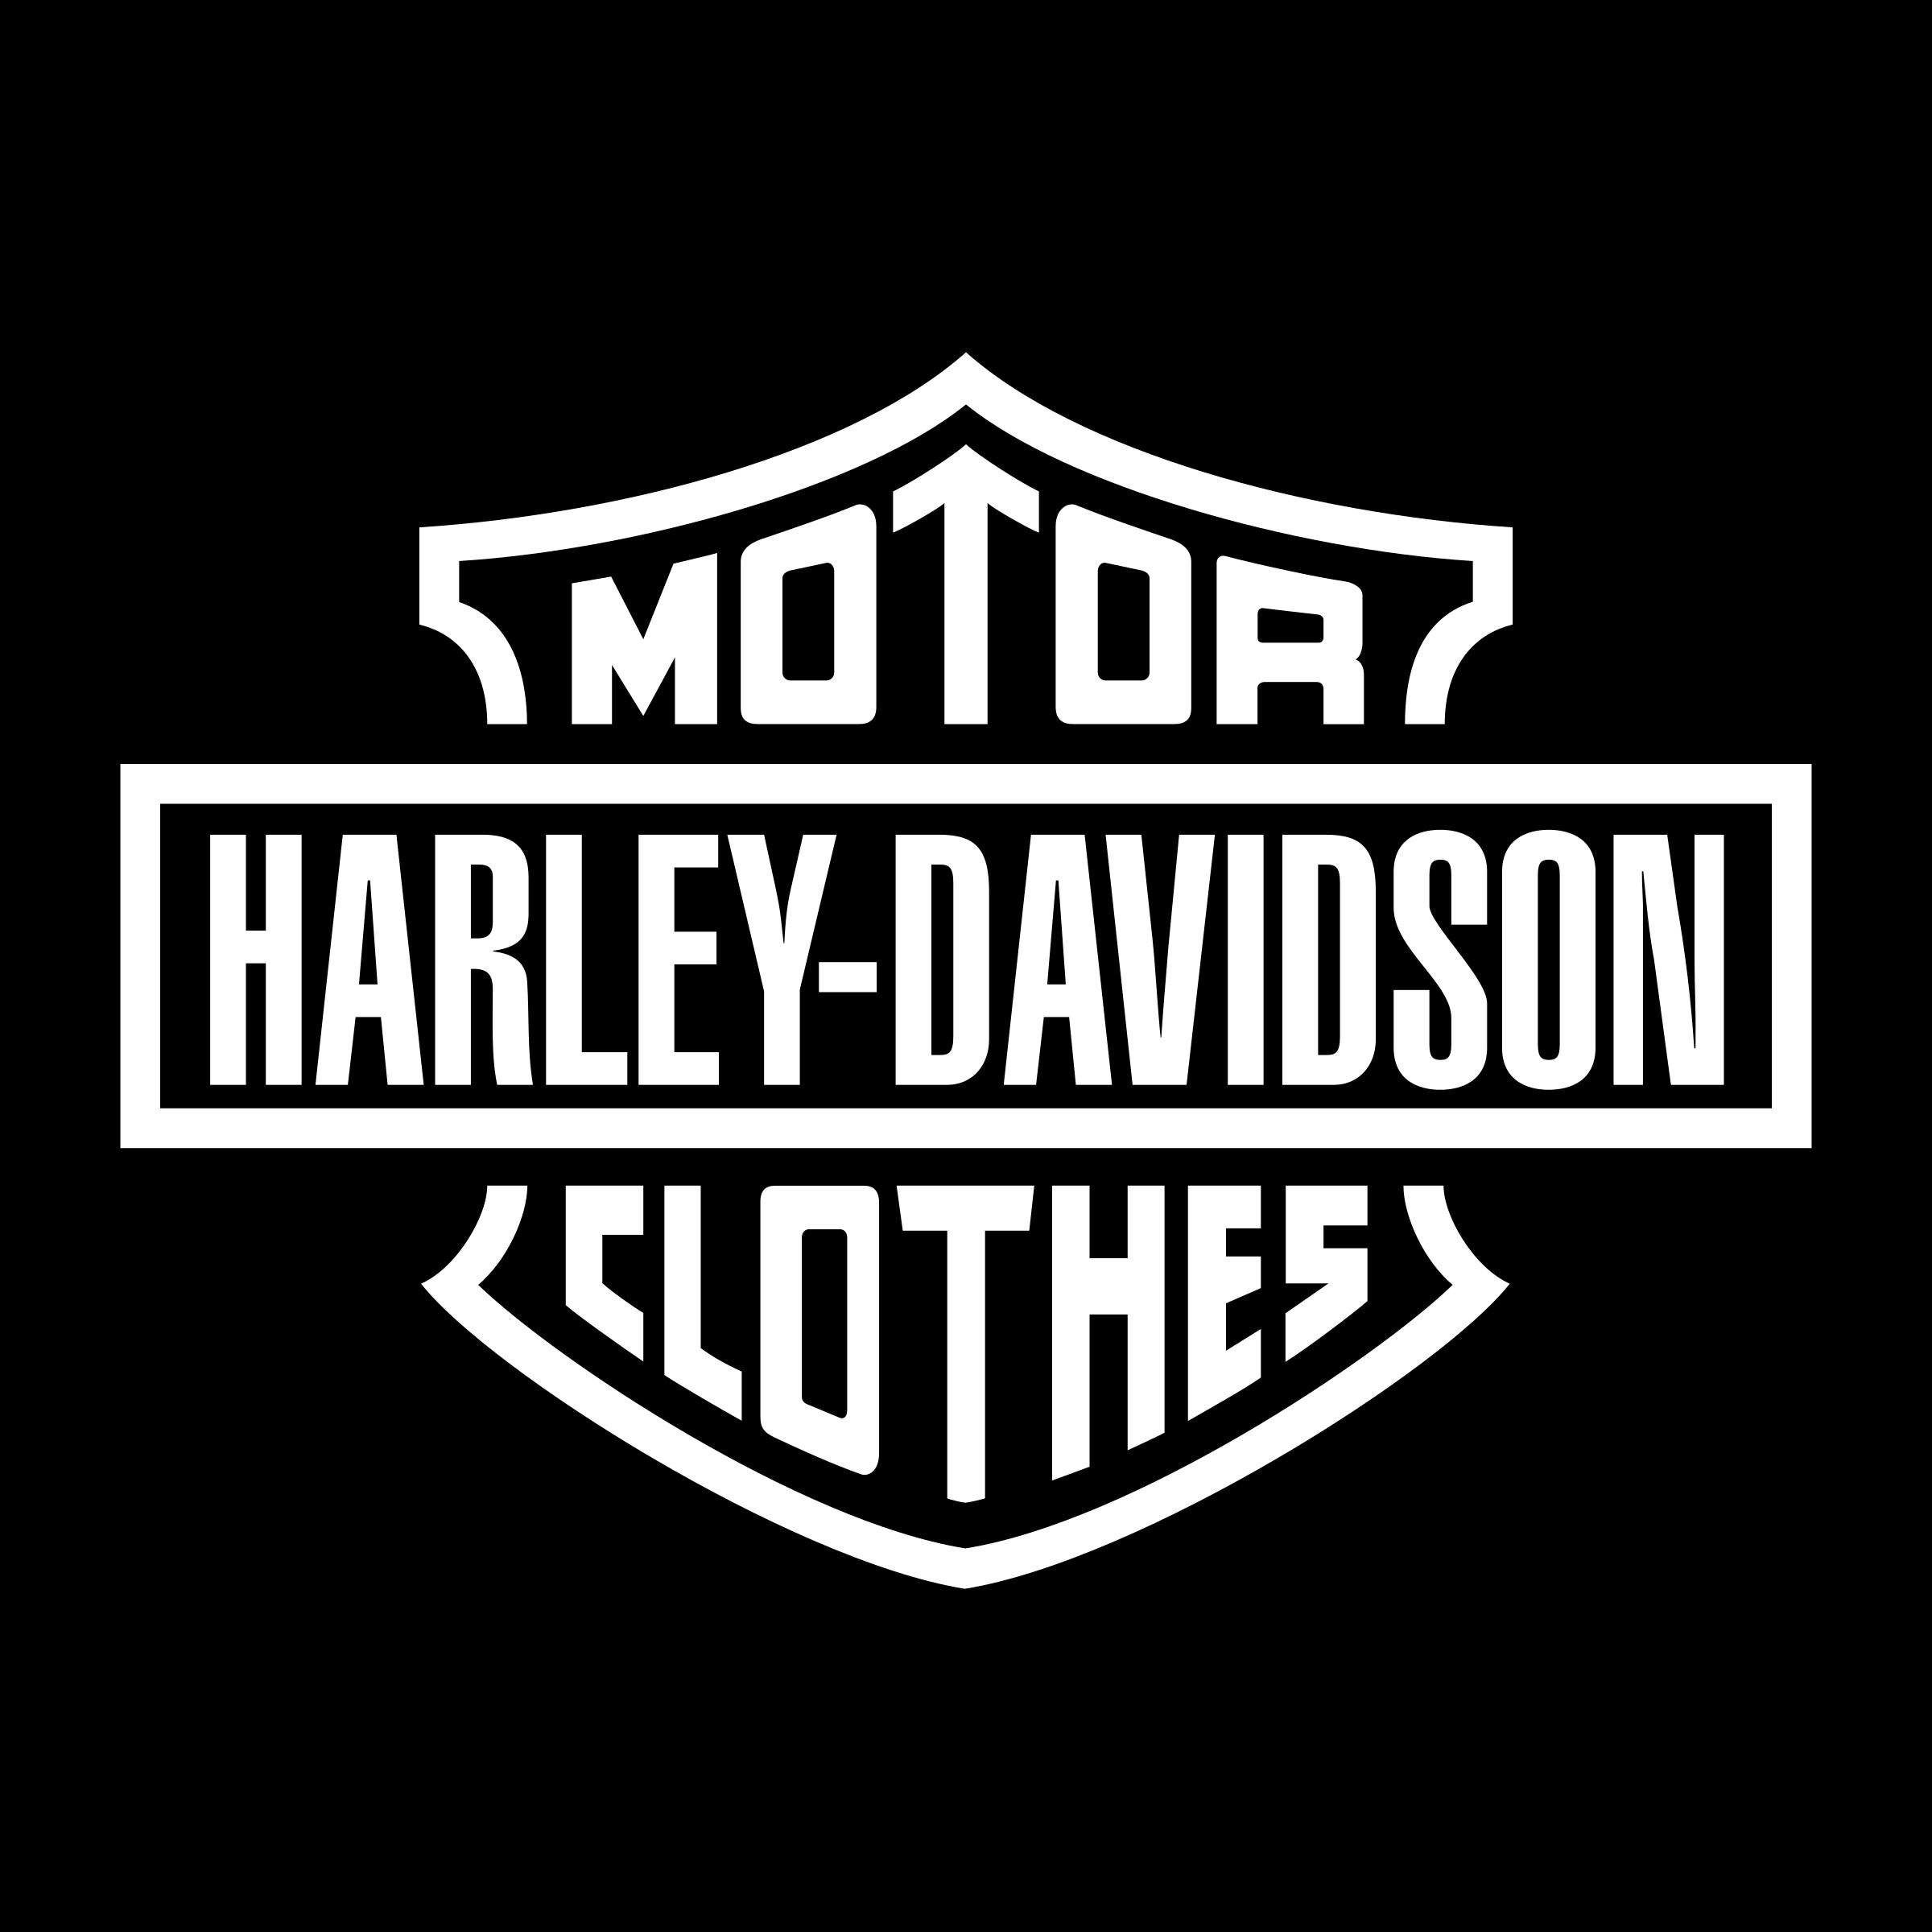 Harley Davidson Logo PNG Transparent & SVG Vector.